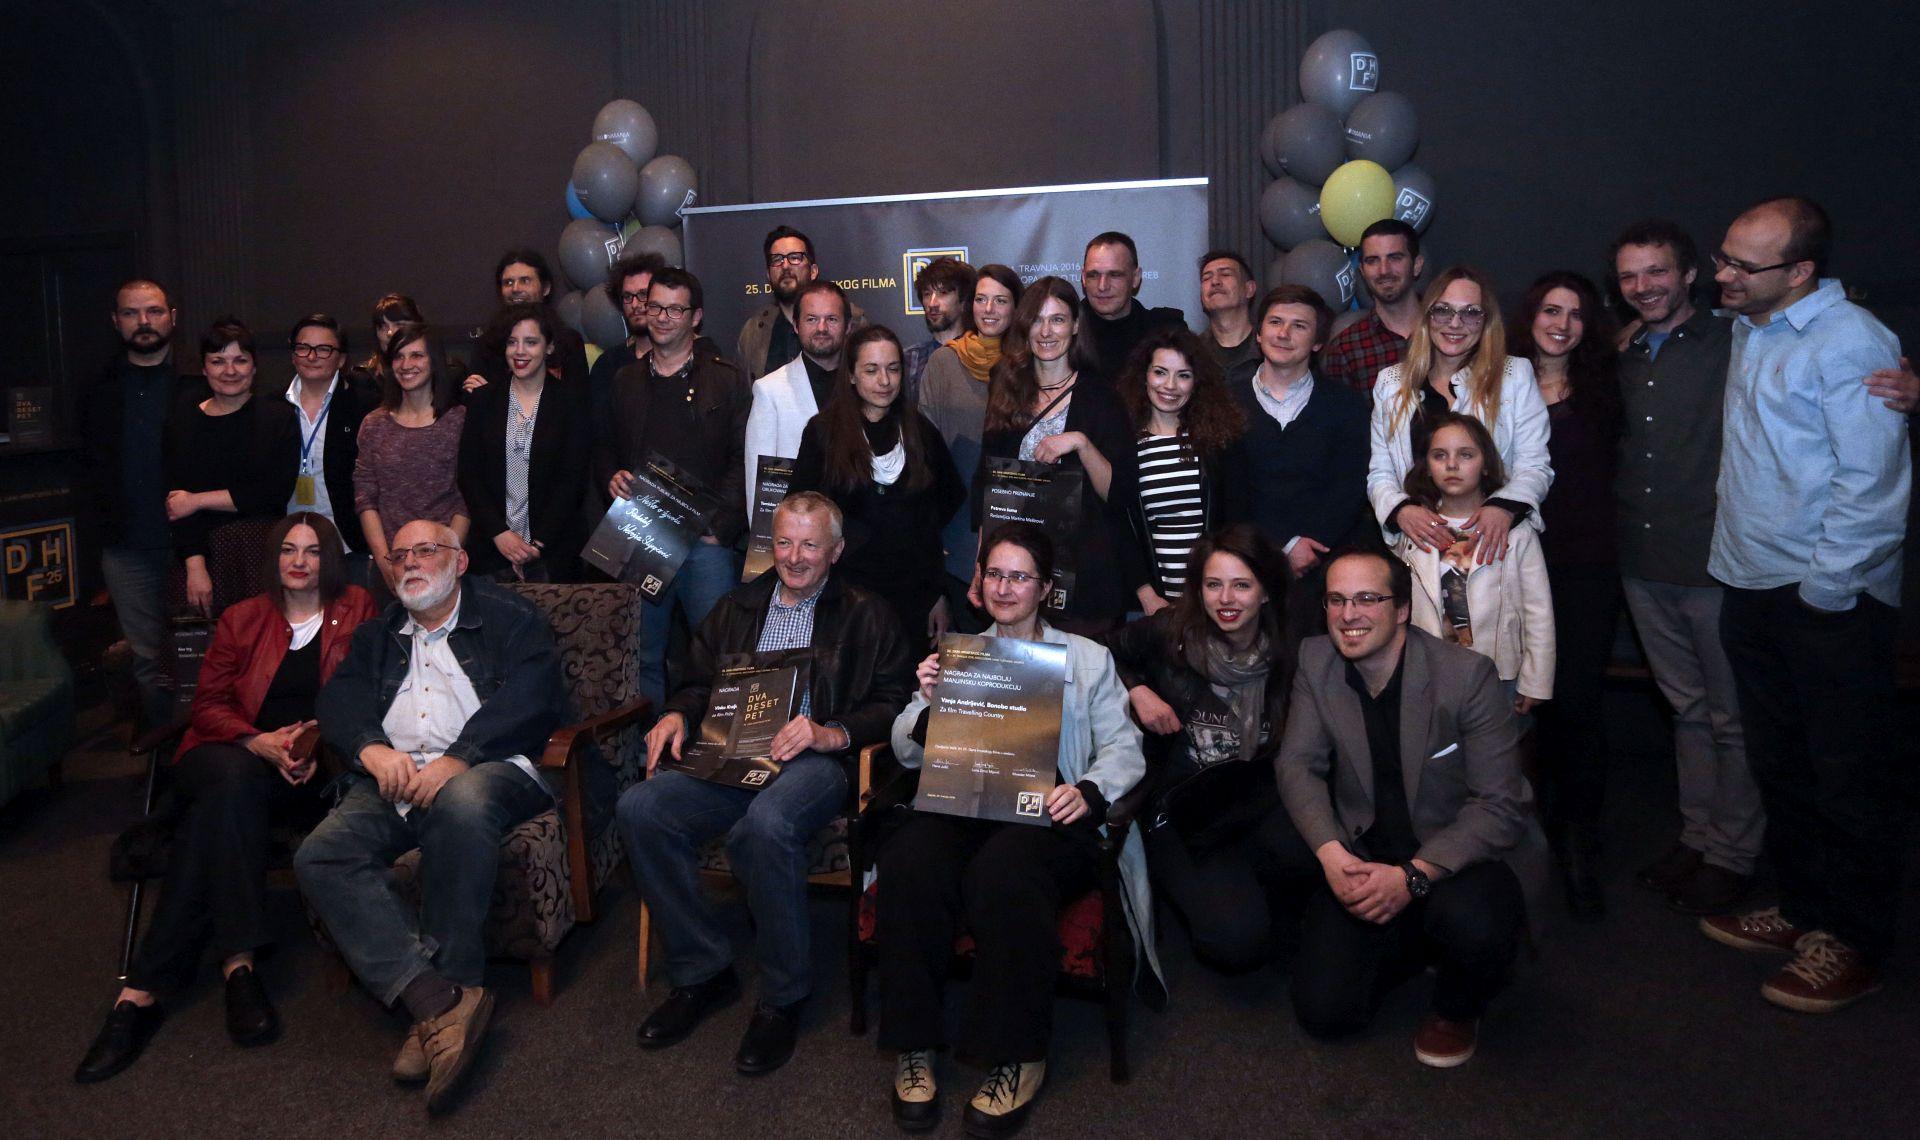 DHF: Dodjelom nagrada završilo jubilarno izdanje festivala